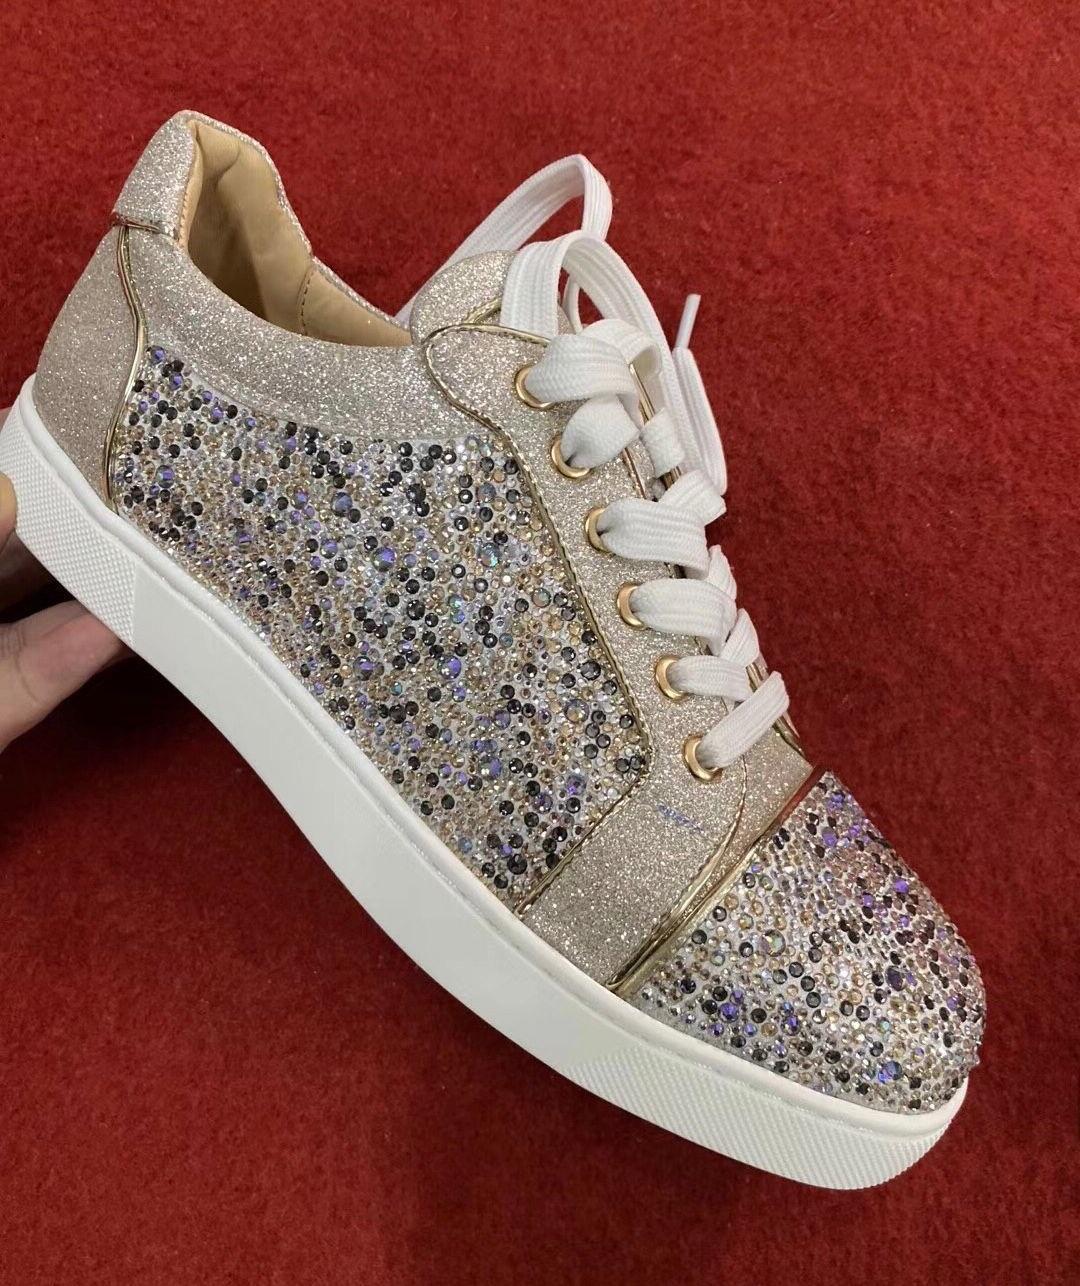 Popüler Genç Düşük En Vieira Strass Kırmızı Alt Sneaker için Erkekler, Kadınlar Casual Veau Kadife Lüks Markalar Casual Yürüyüş EU35-47